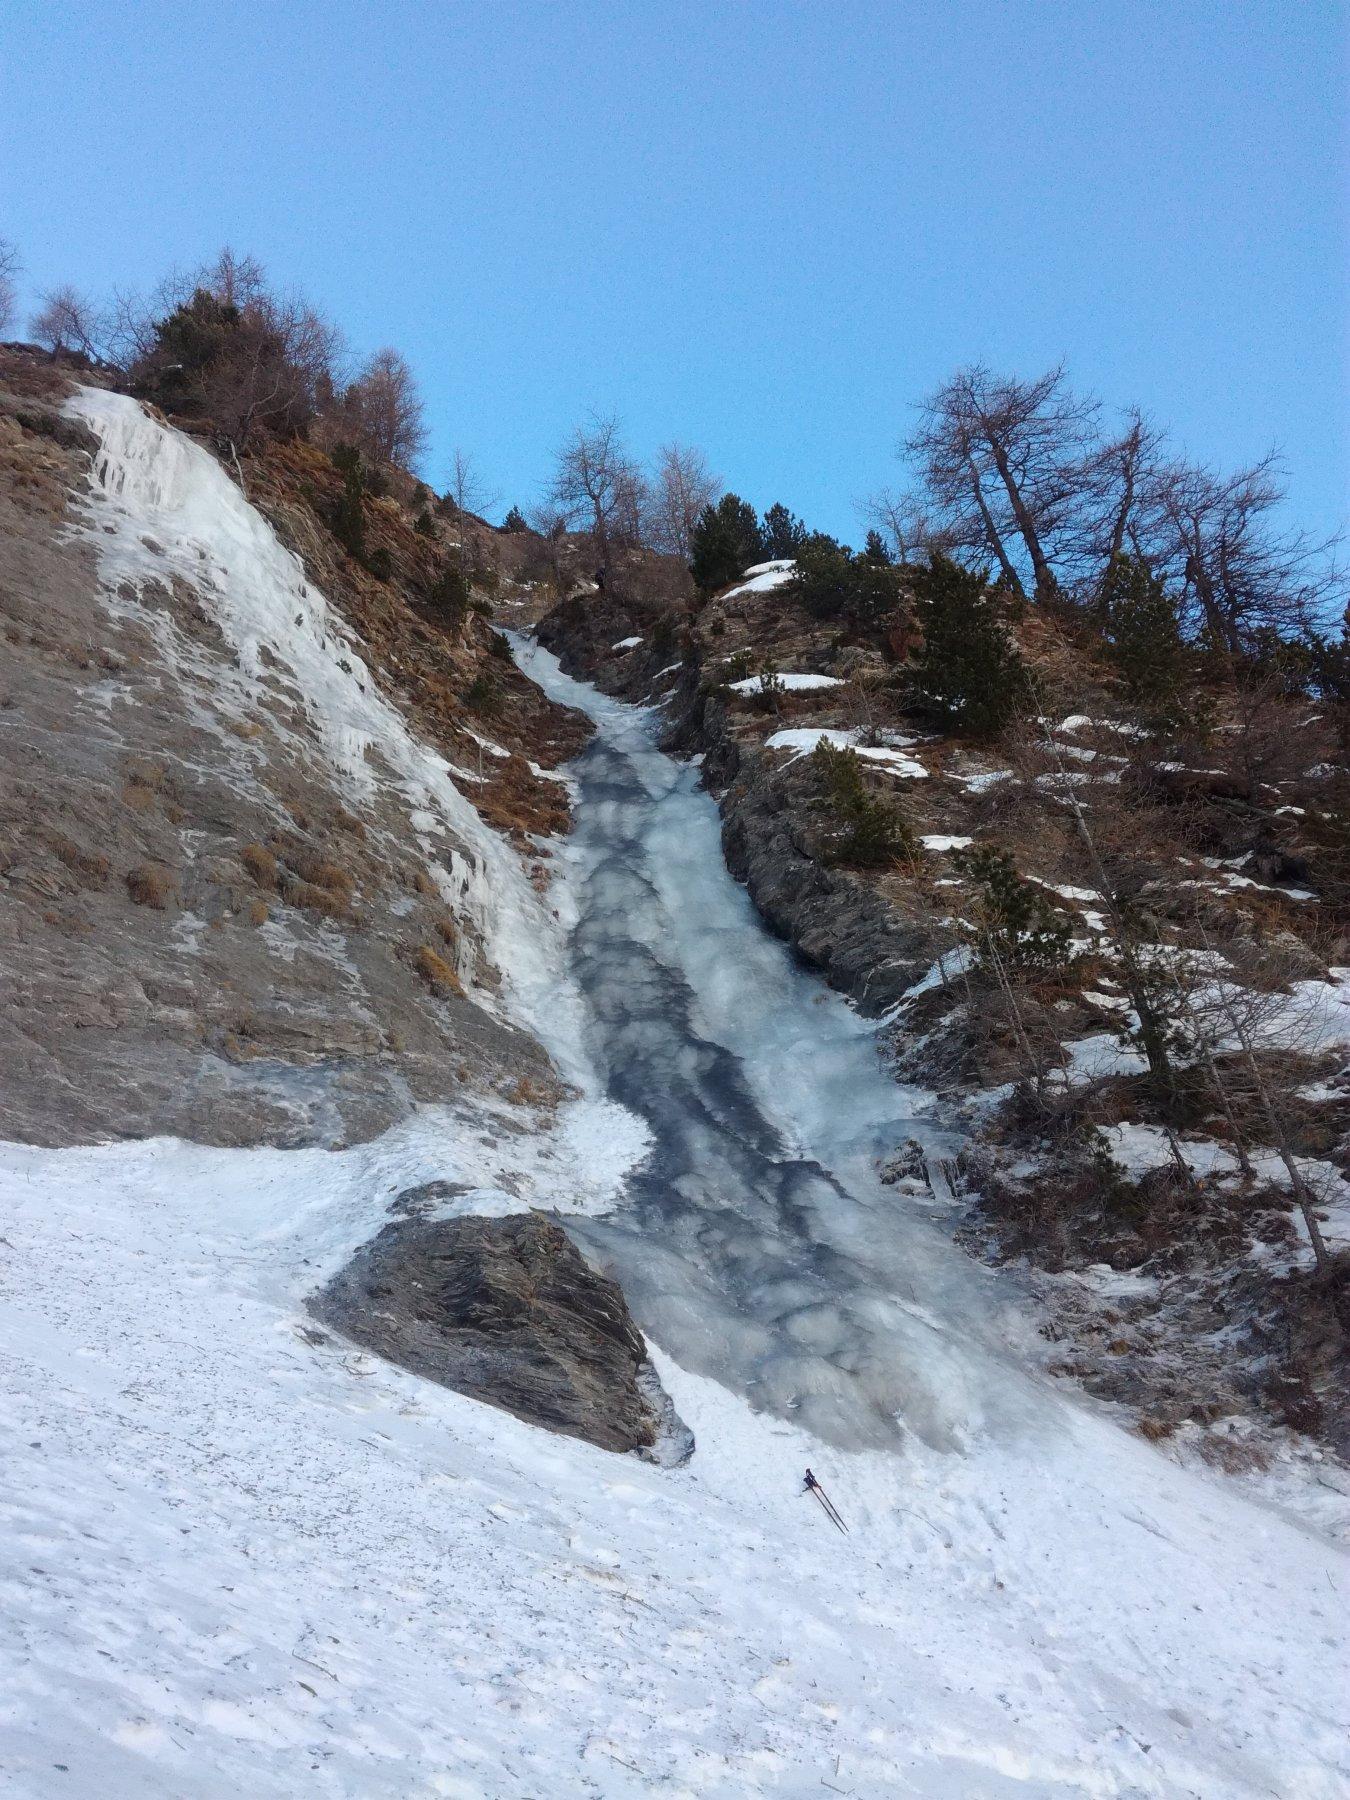 Le condizioni attuali della cascata